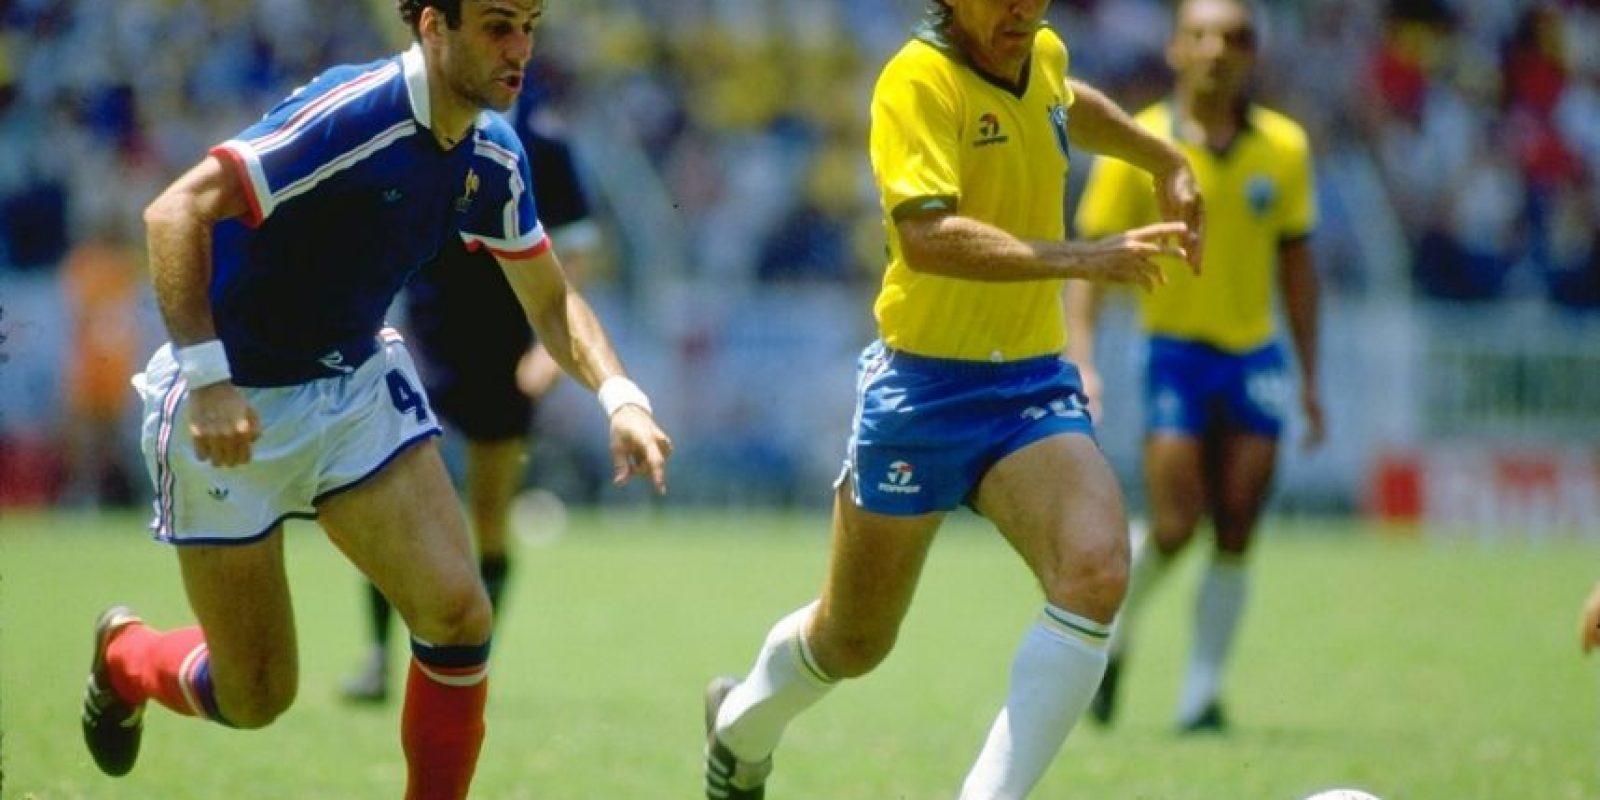 Otro de los grandes jugadores que tuvo la historia del fútbol brasileño, pero que no pudo celebrar un título de la Copa del Mundo o una Copa América. En el torneo continental, disputó la edición de 1979 y terminó en la tercera posición tras caer en semifinales ante Paraguay Foto:Getty Images